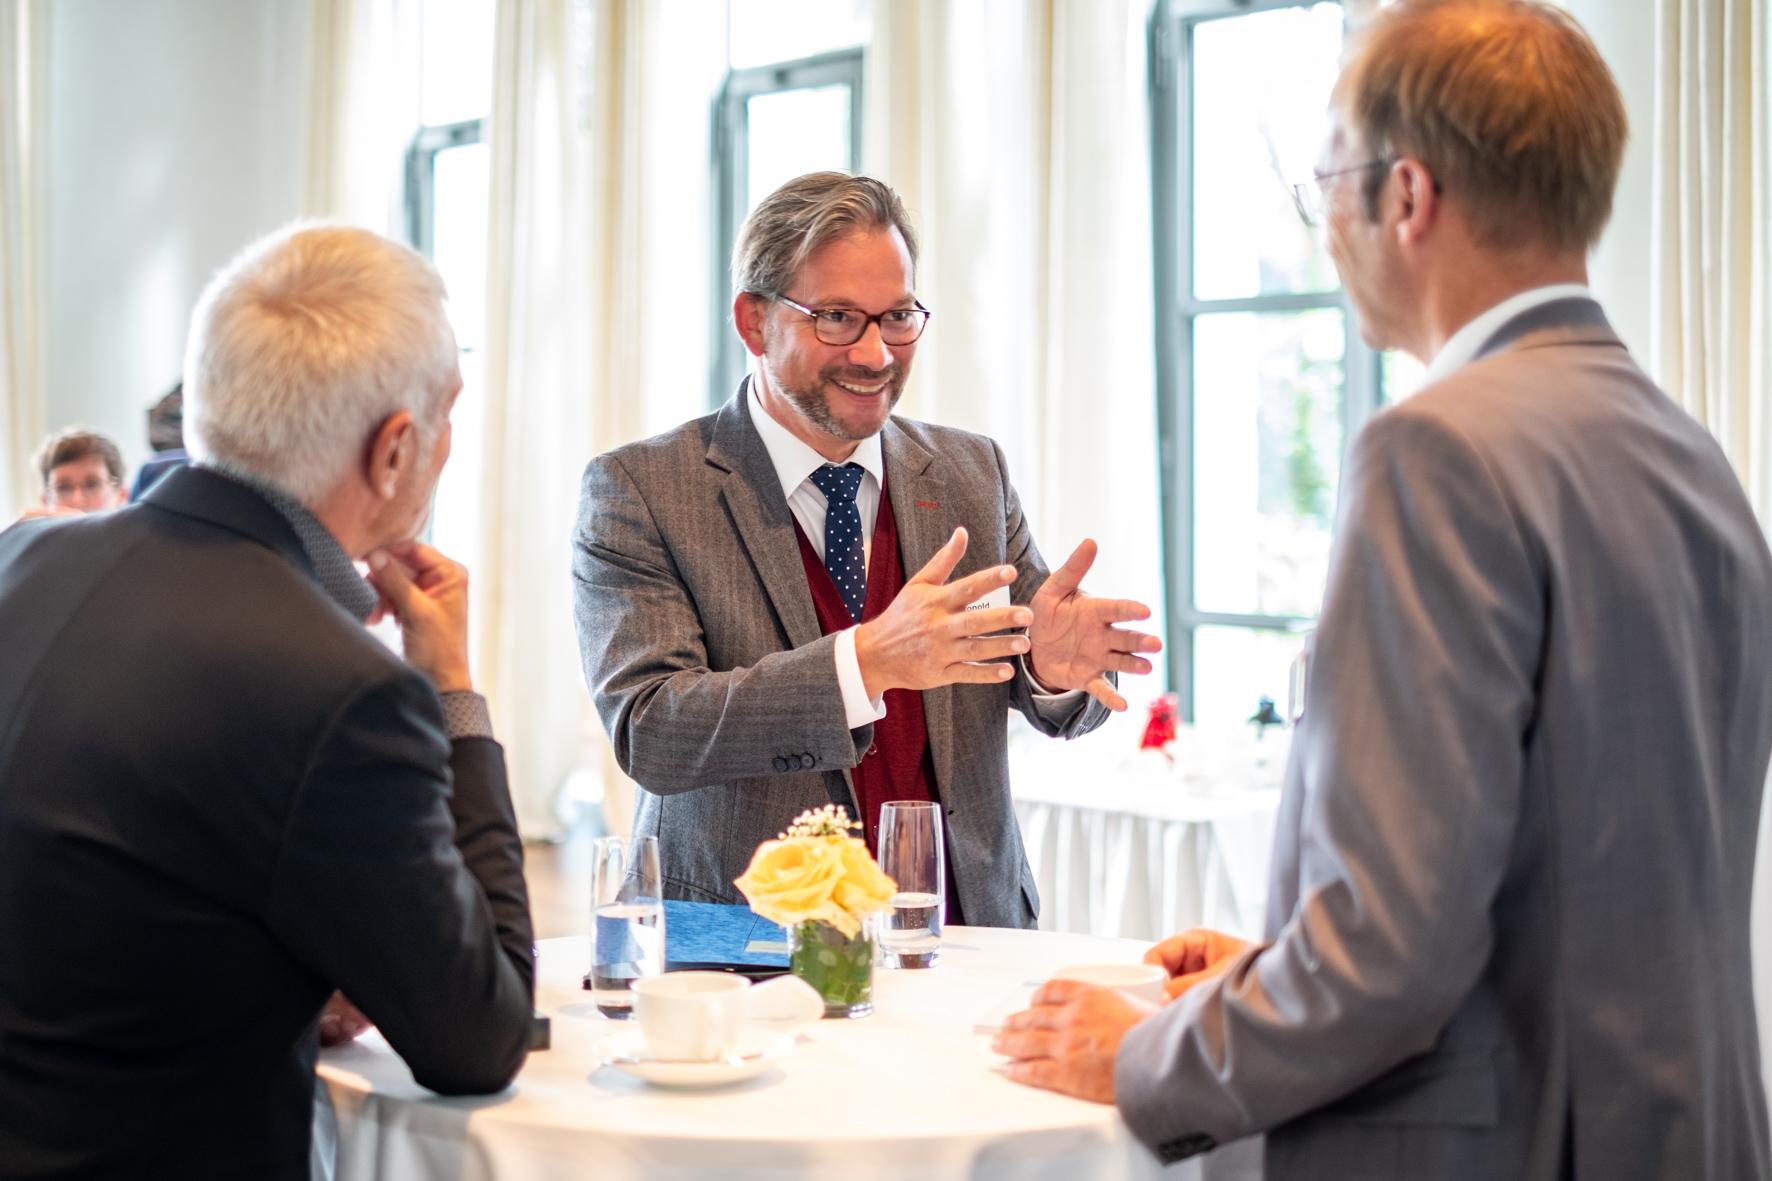 Florian Pronold, Parlamentarischen Staatssekretär im Bundesministerium für Umwelt, Naturschutz, Bau und Reaktorsicherheit (BMU) beim NAX-Patentreffen 2021 ©Till Budde